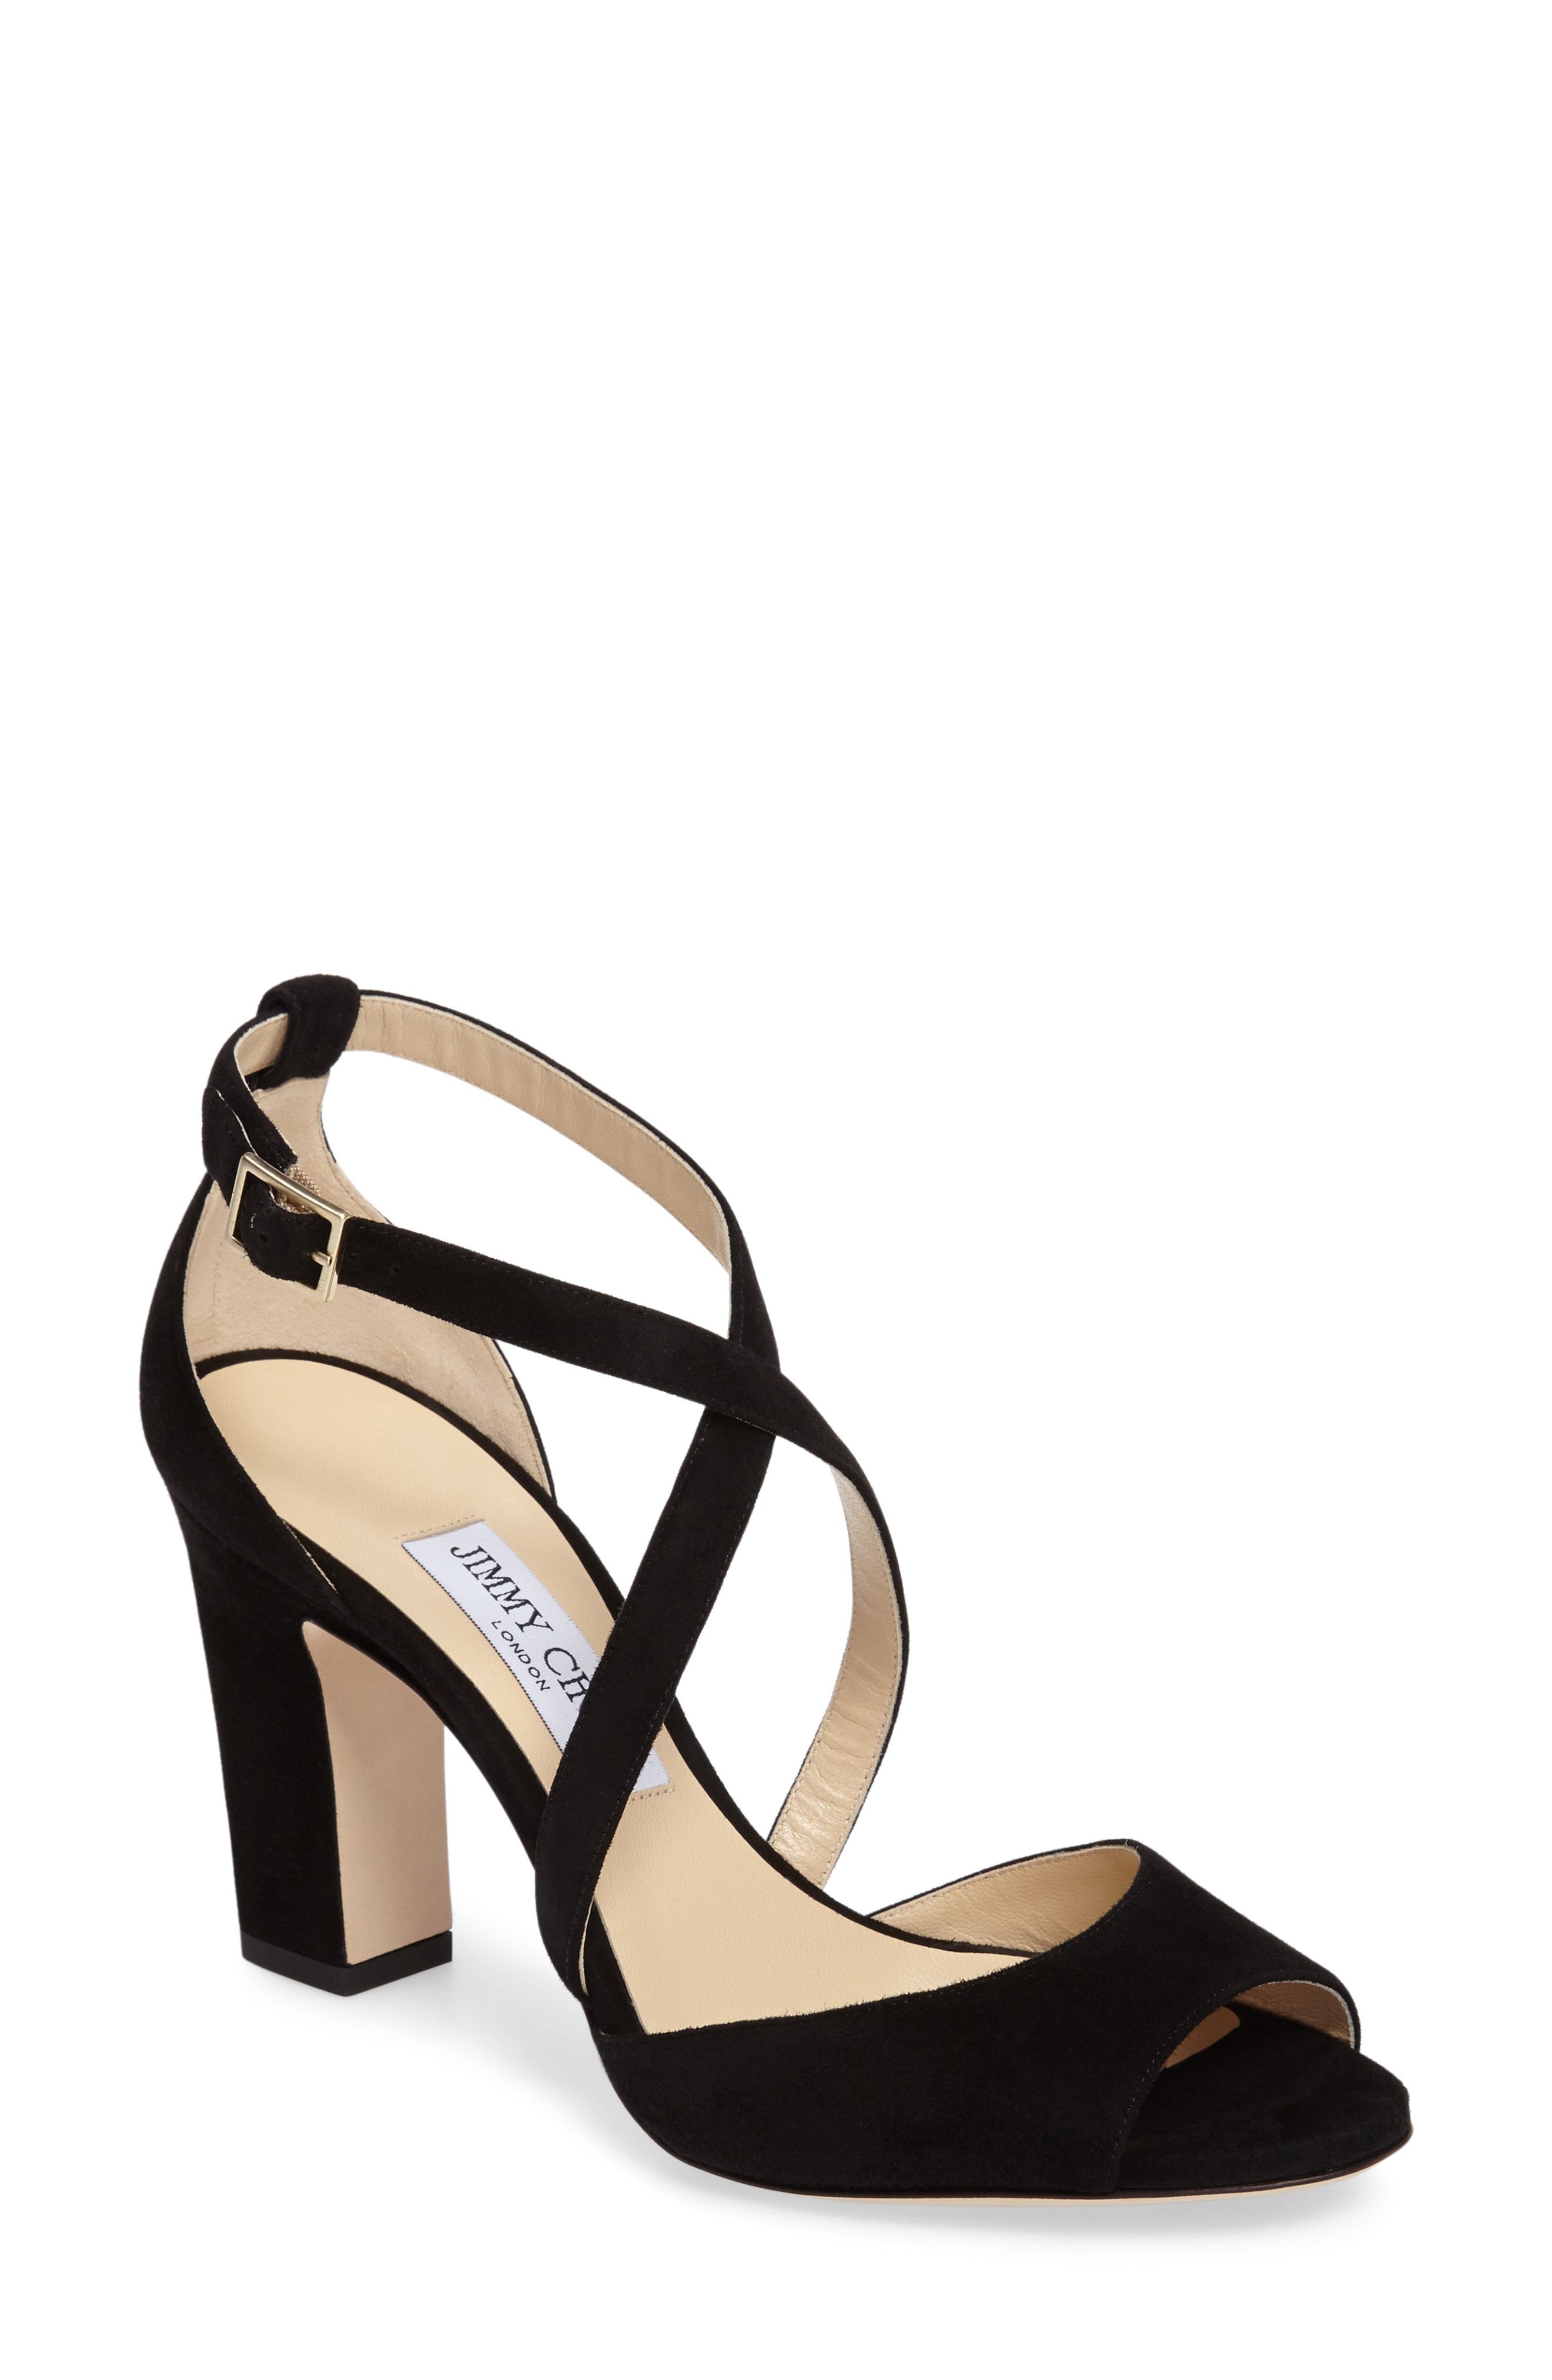 9ed8905c81f Jimmy Choo Women s Carrie 85 Suede Crisscross High-Heel Sandals In Beige